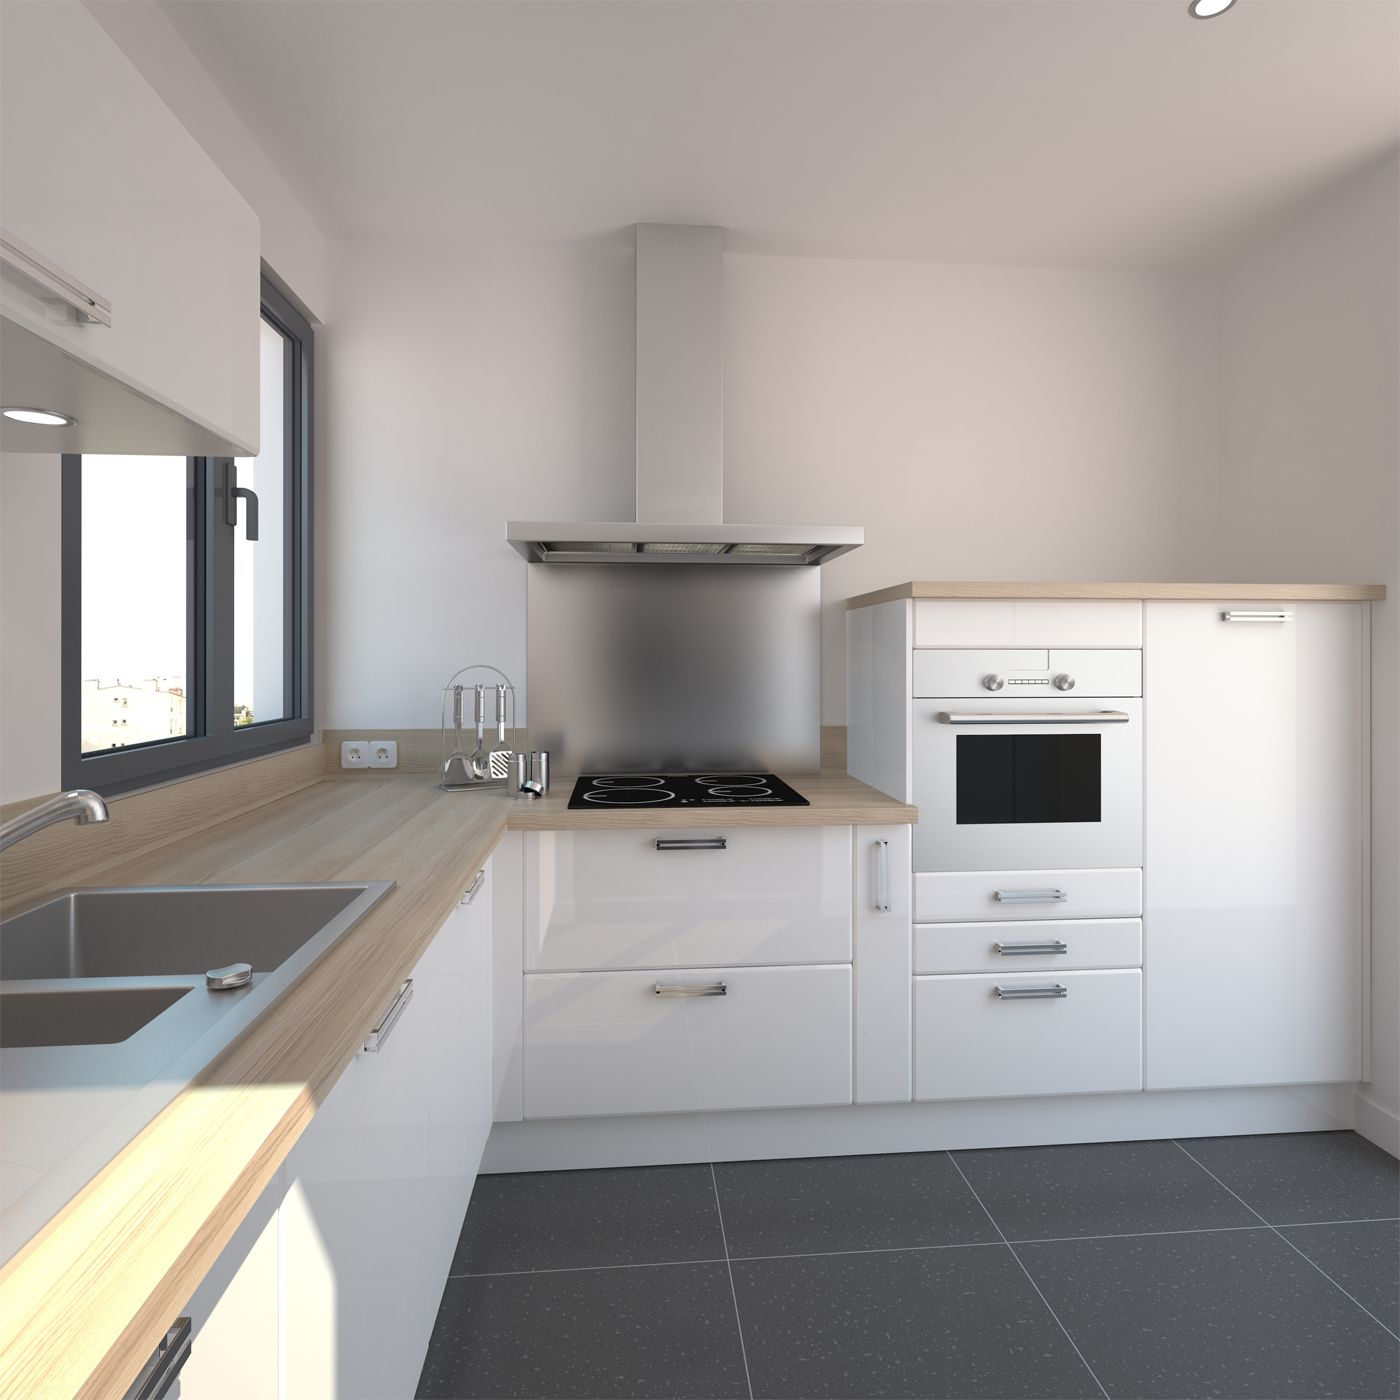 Cuisine Blanche Design Meuble IRIS Blanc Brillant Range Epice - Meuble d angle haut cuisine pour idees de deco de cuisine